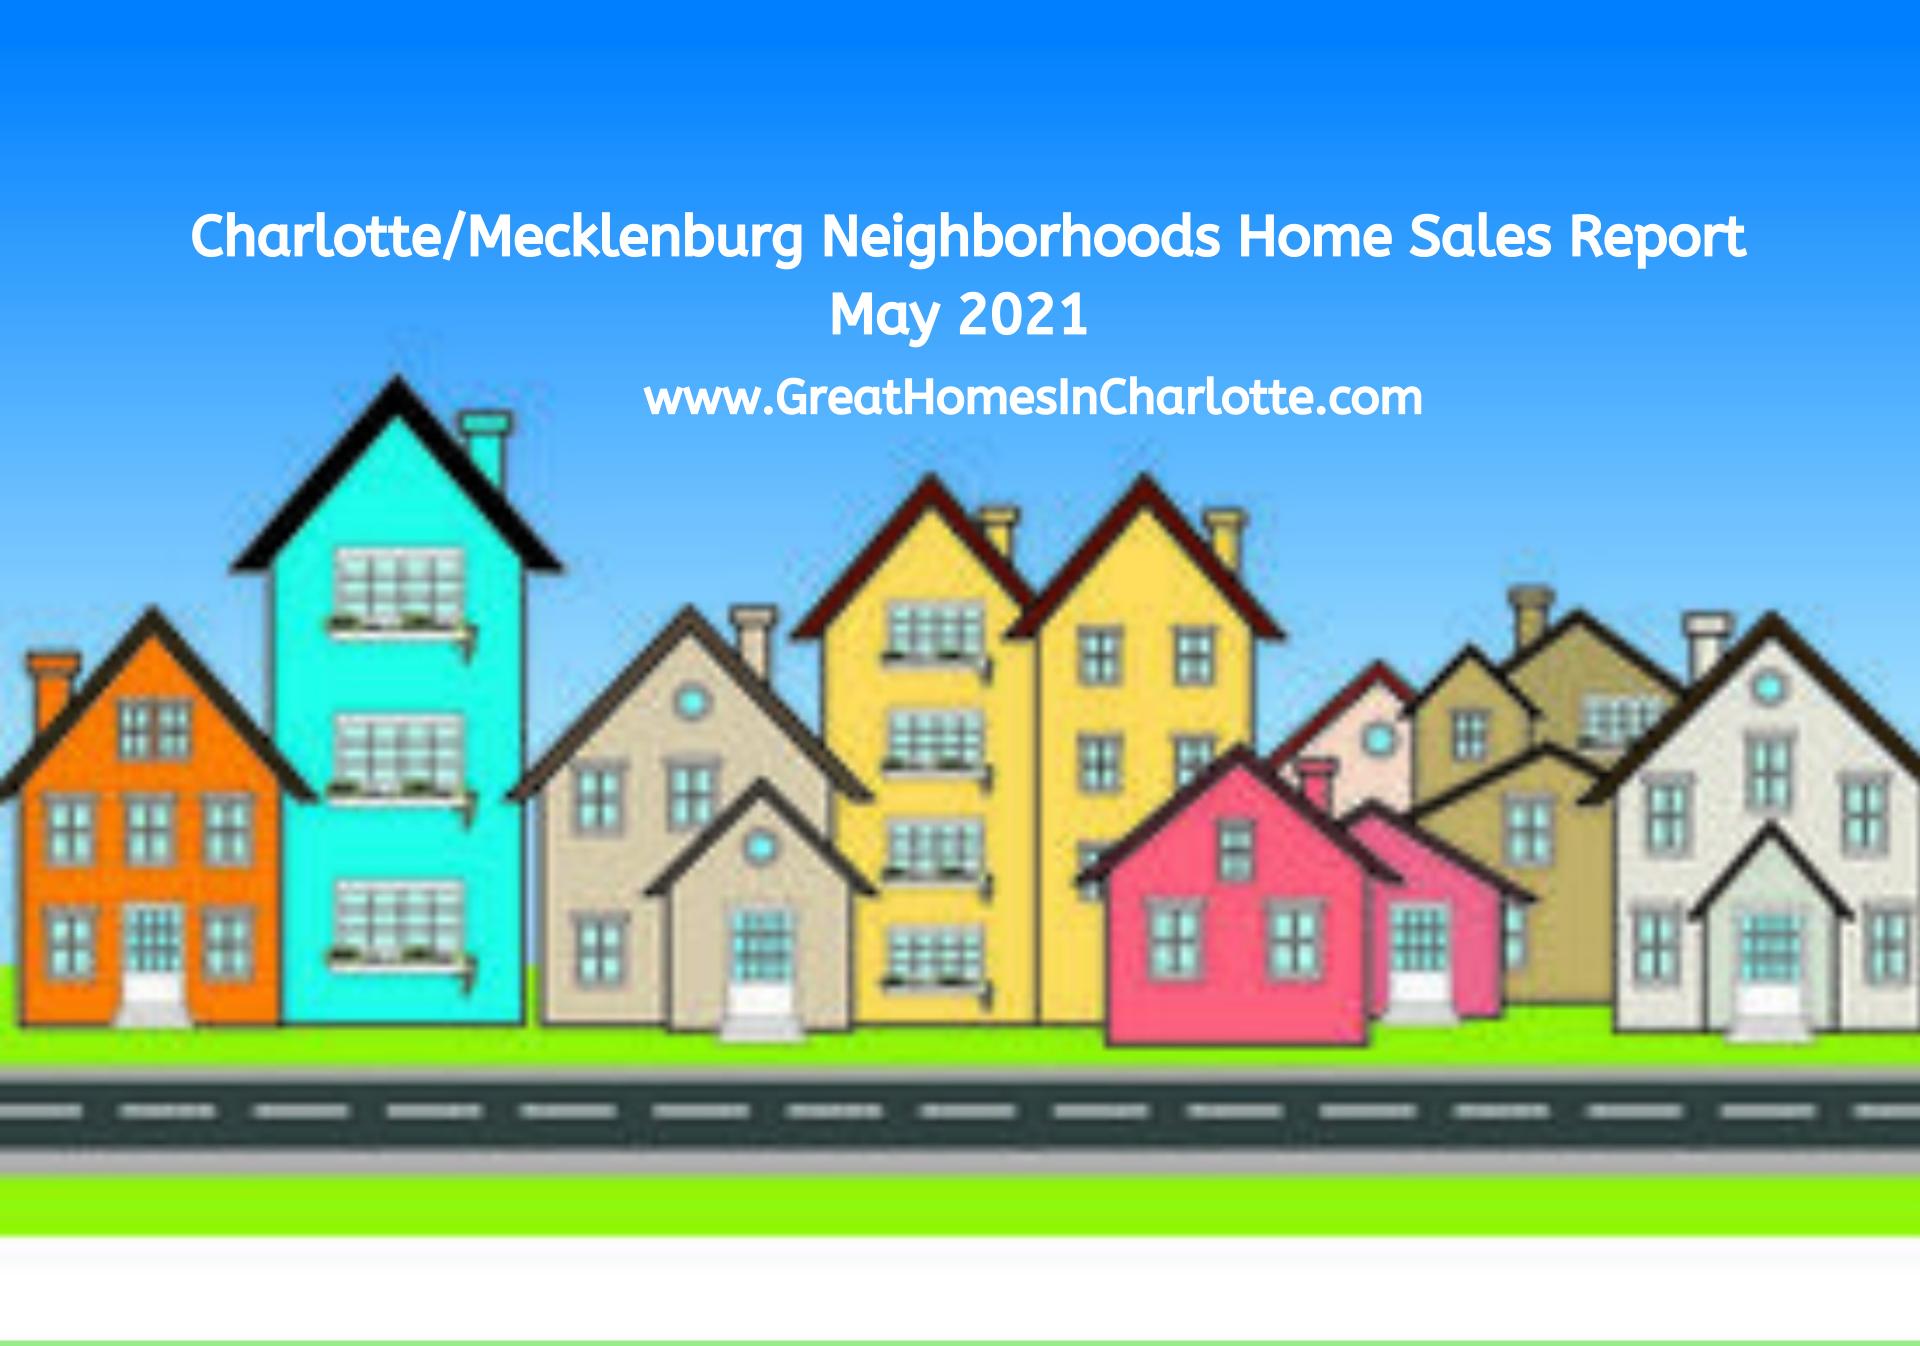 250 Top Selling Neighborhoods In Charlotte/Mecklenburg: May 2021